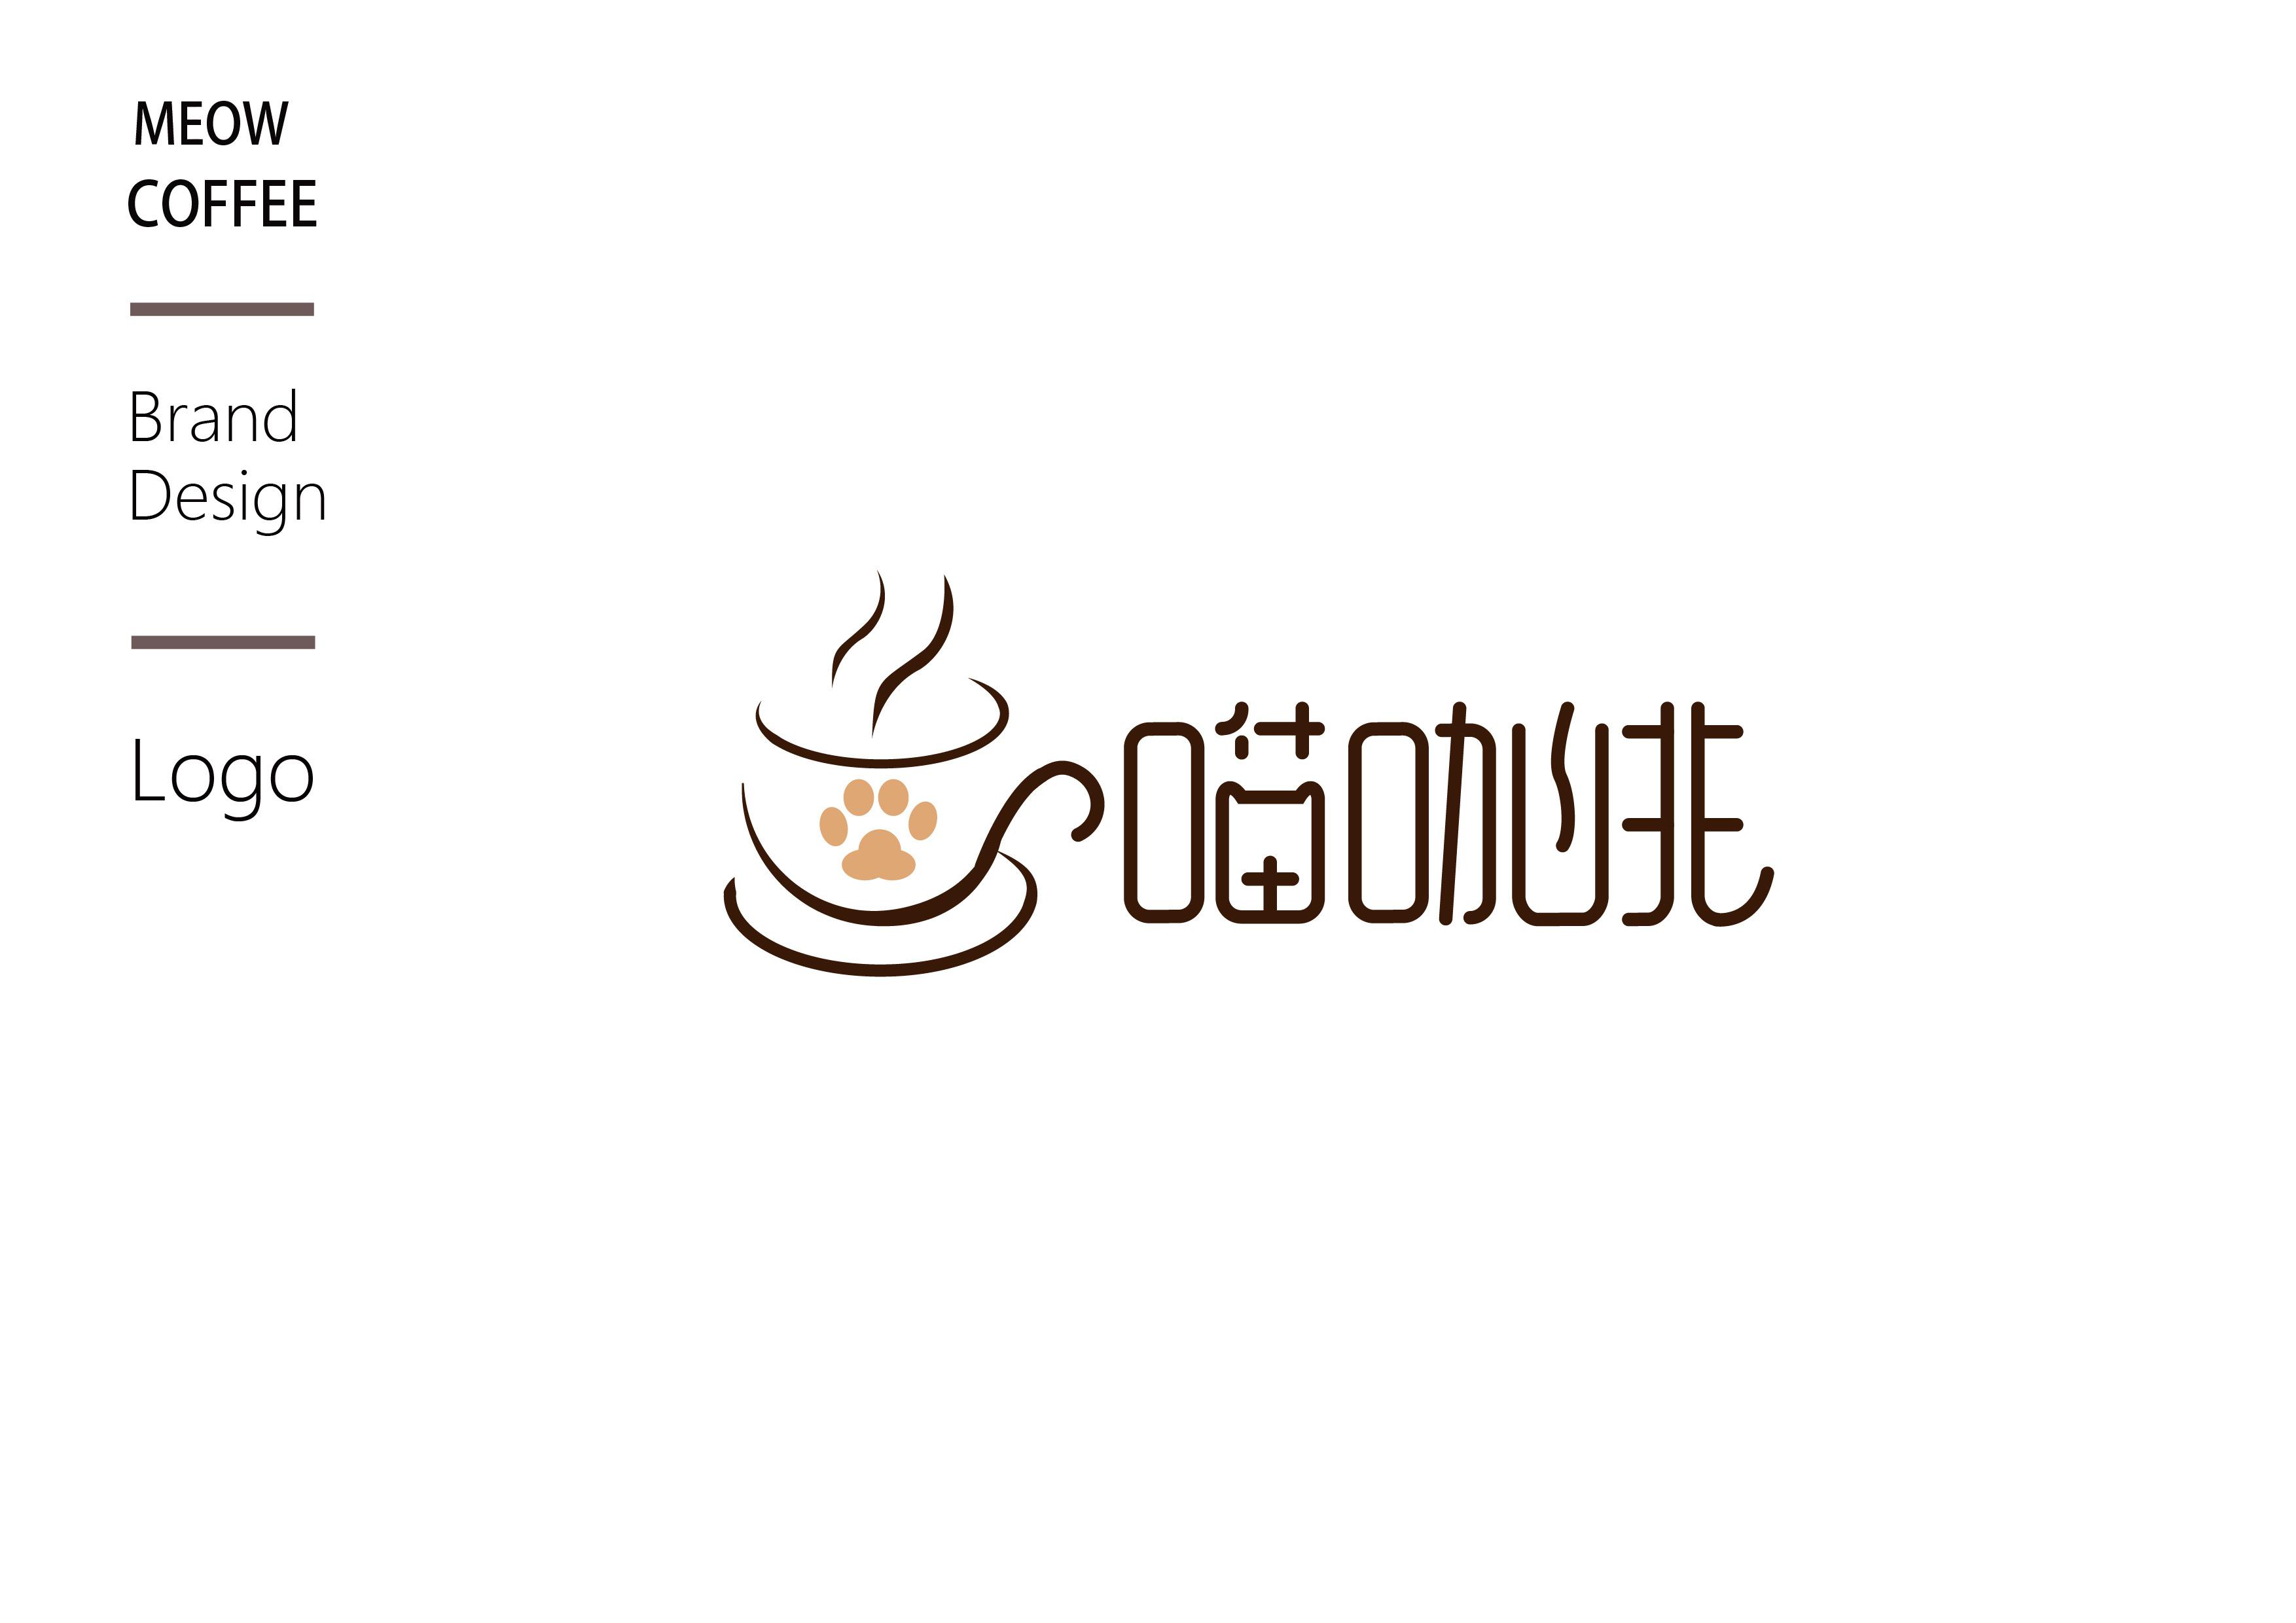 咖啡标志logo设计 图片合集图片